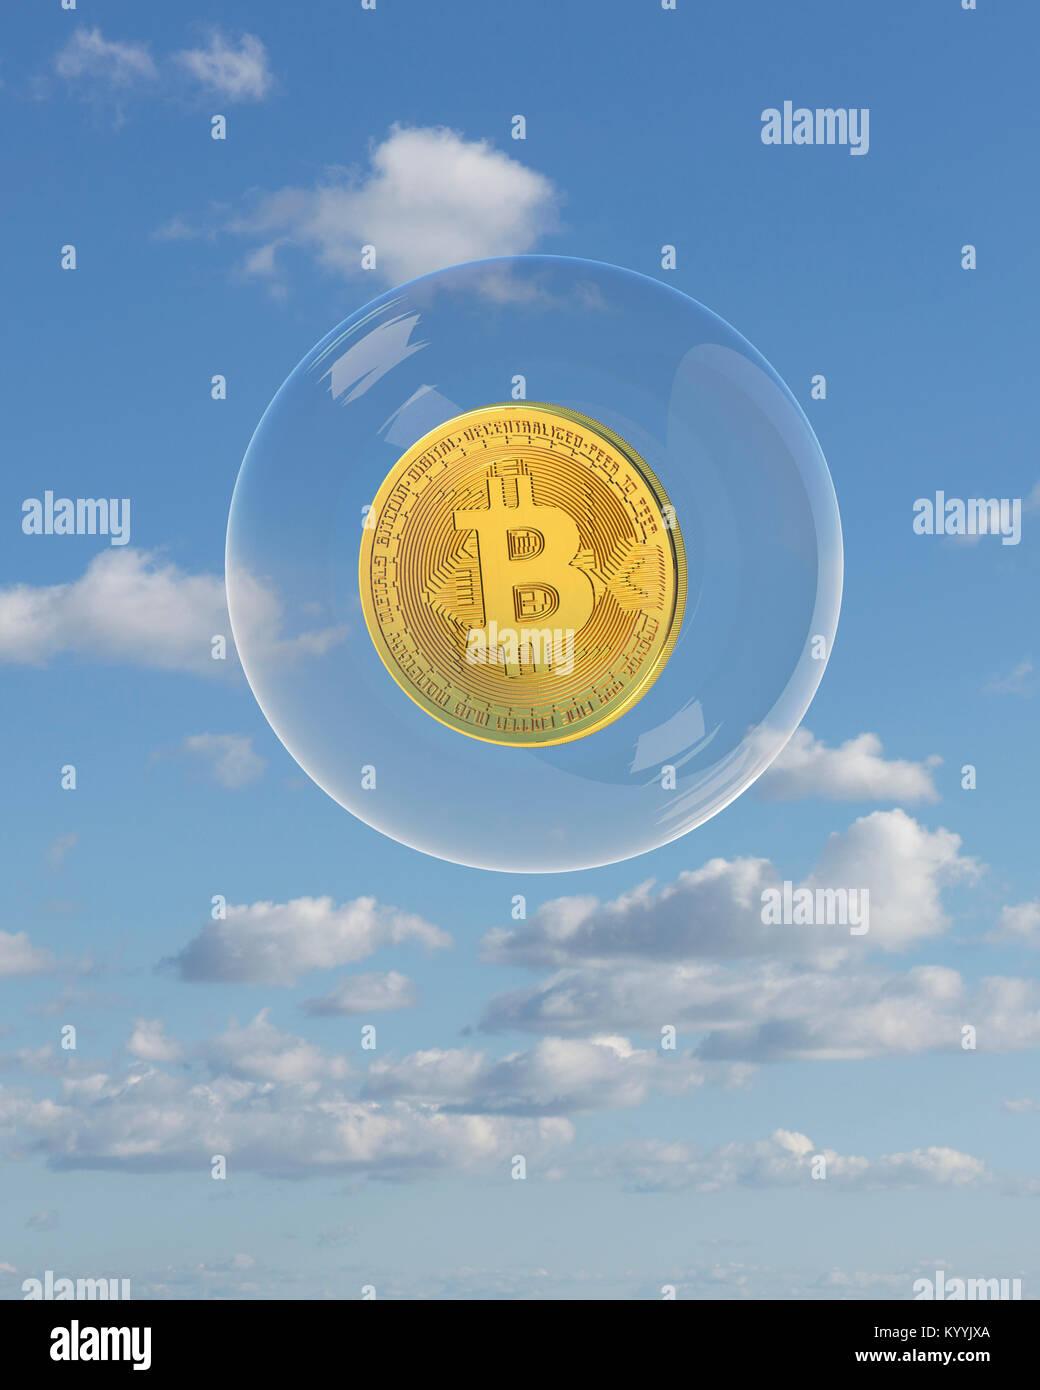 Bitcoin flotando en una burbuja - cryptocurrency blockchain, concepto Imagen De Stock